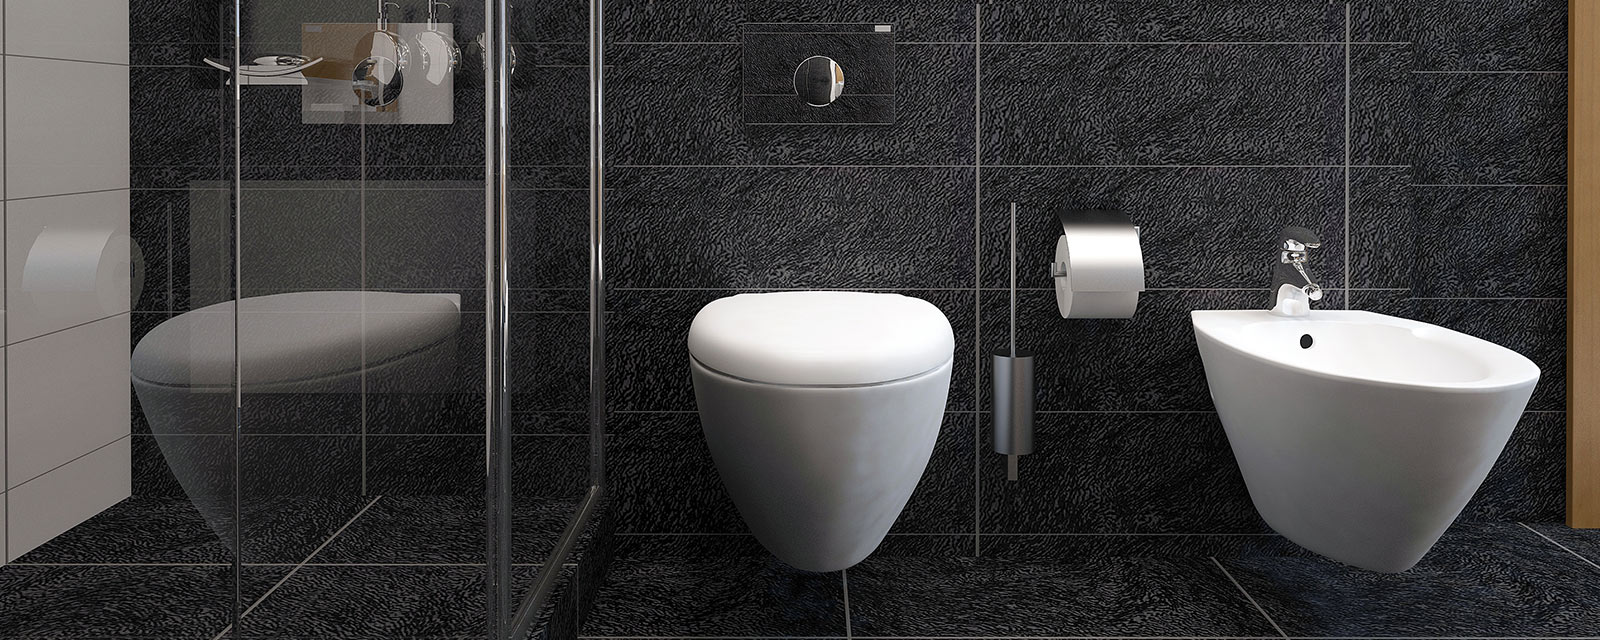 Type De Wc Suspendu plaque de commande pour wc : tout savoir   guide artisan